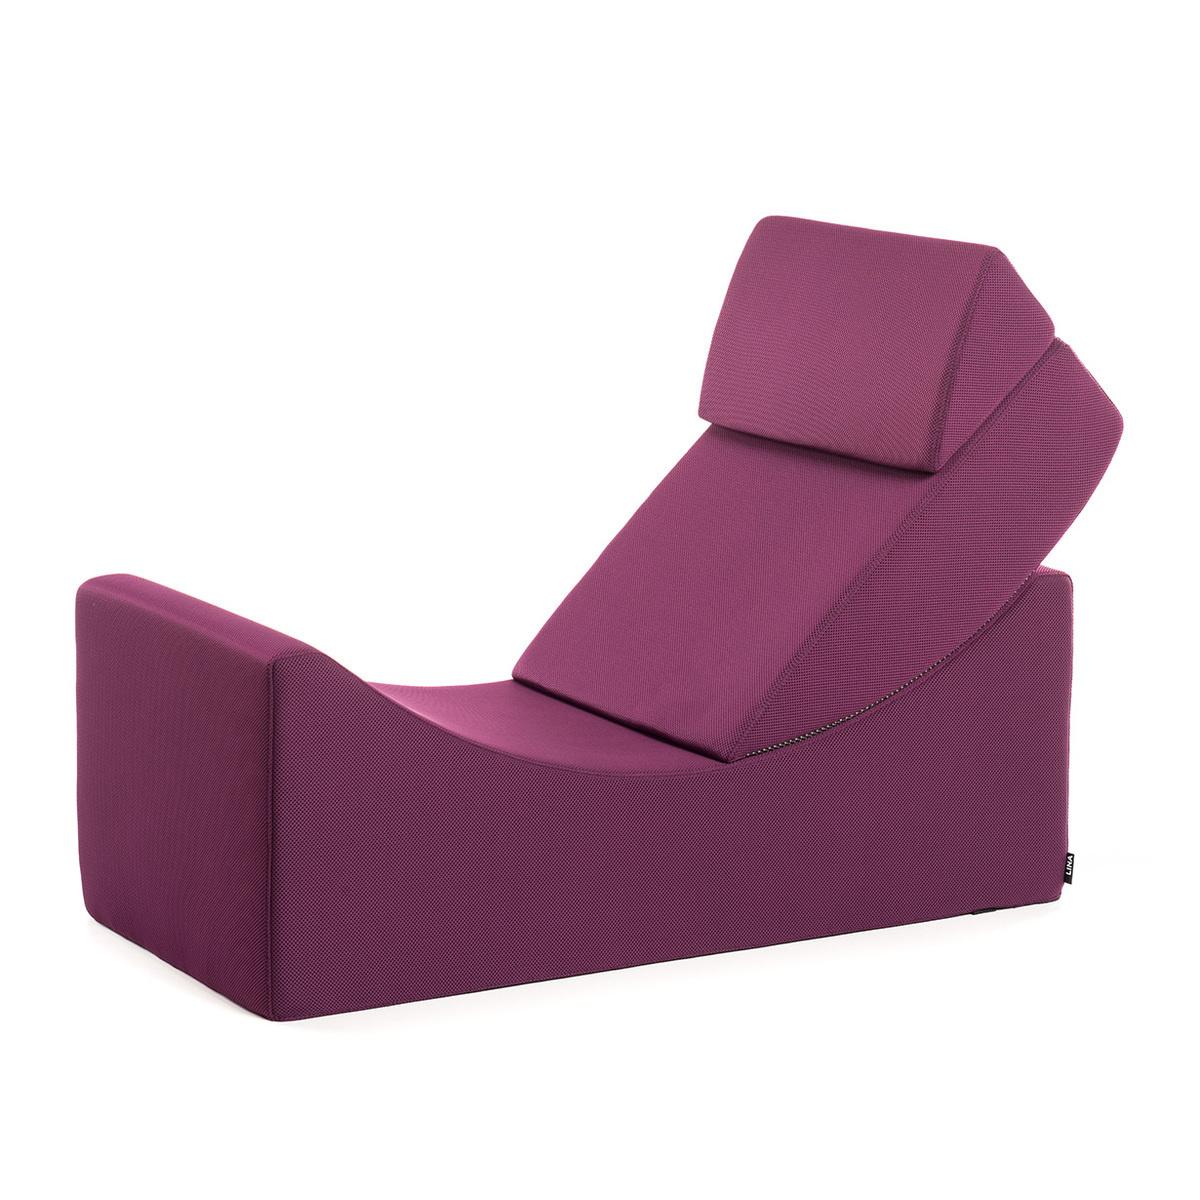 chaise longue lina